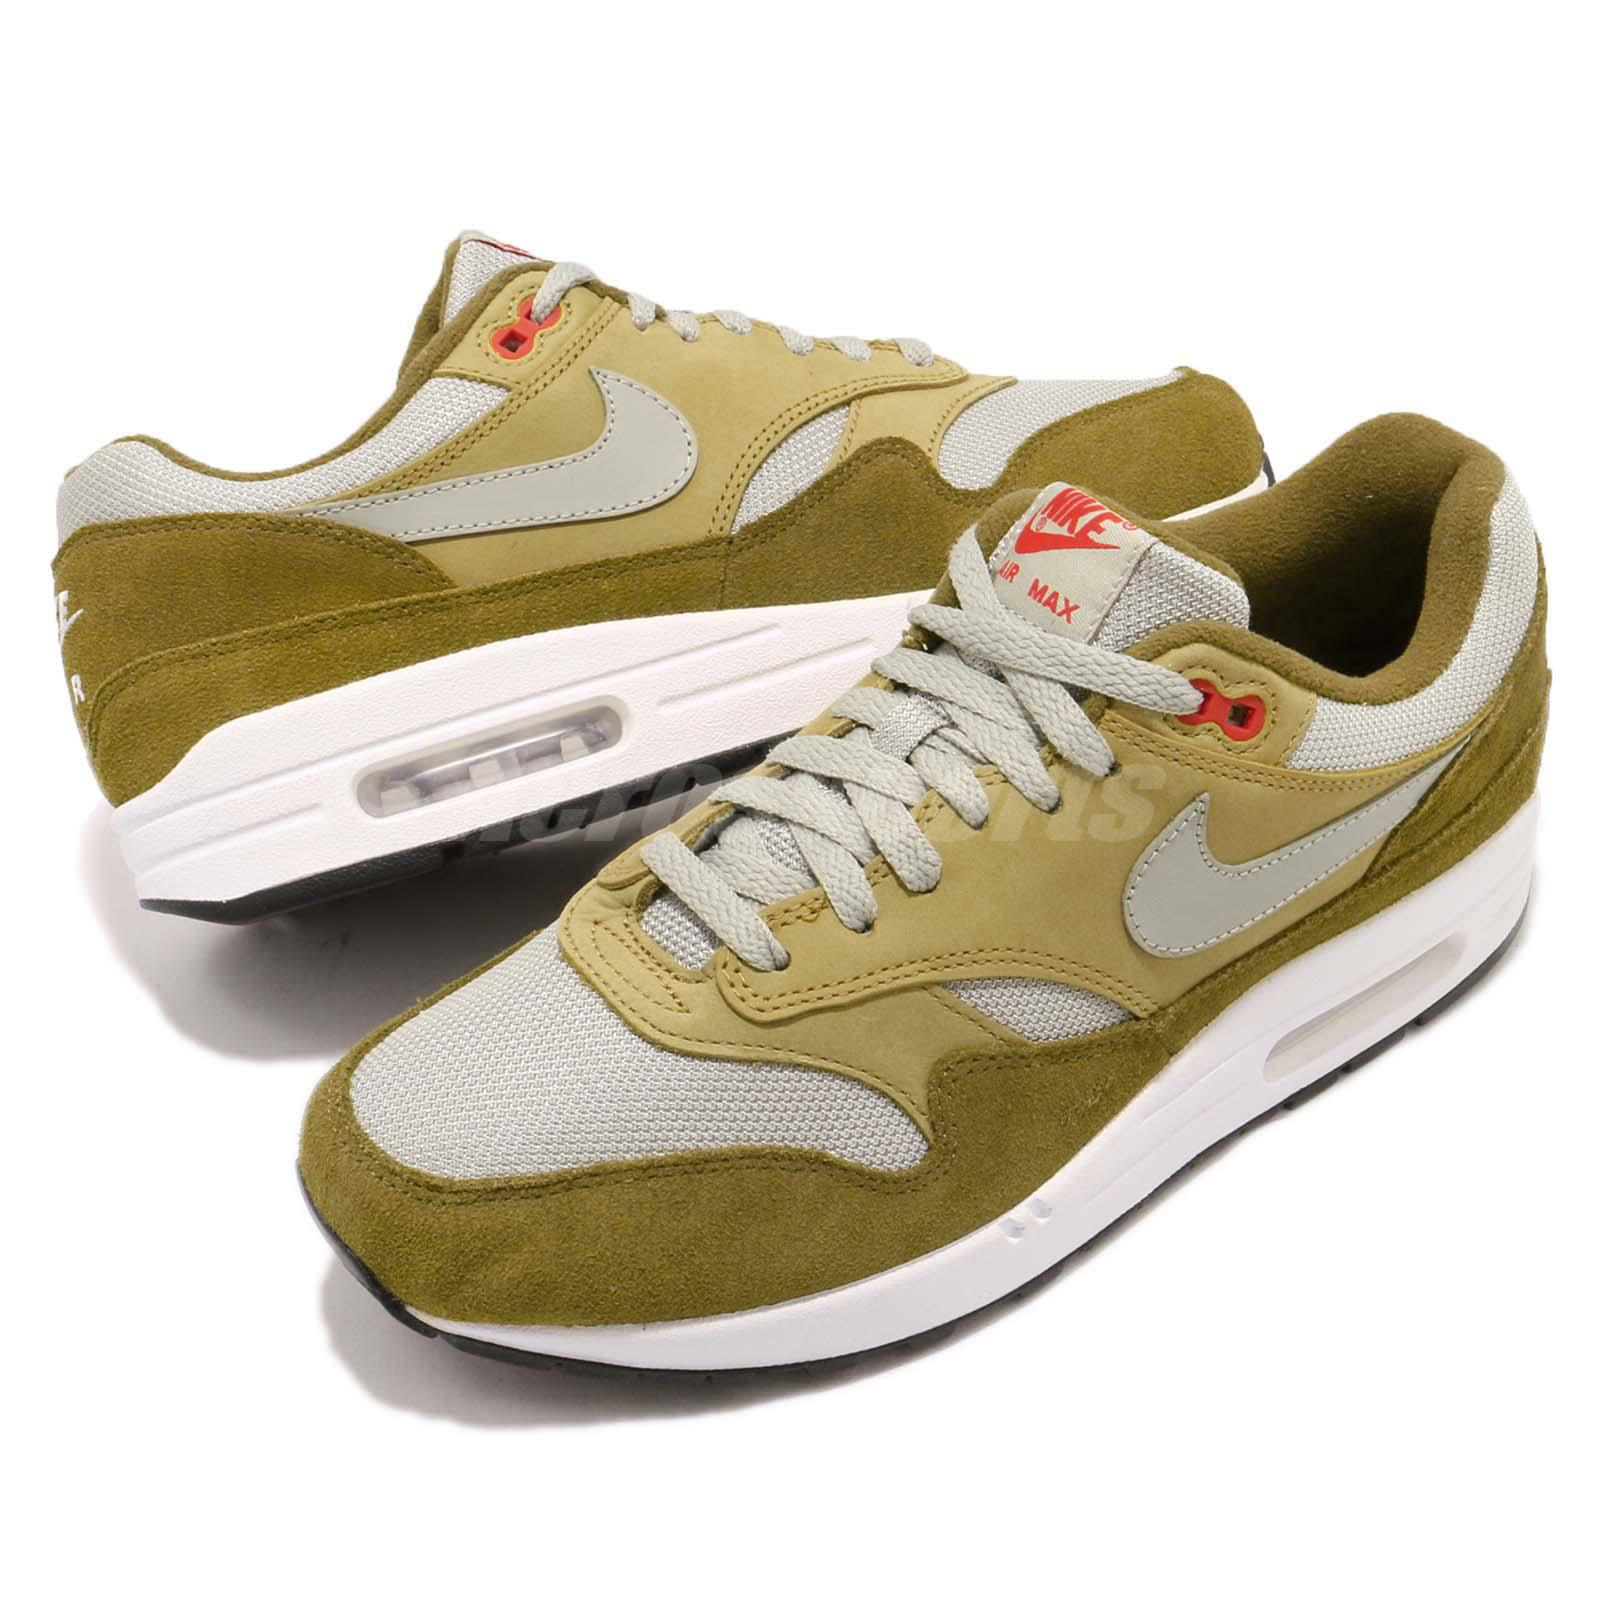 Air Max 1 Premium Retro sneakers